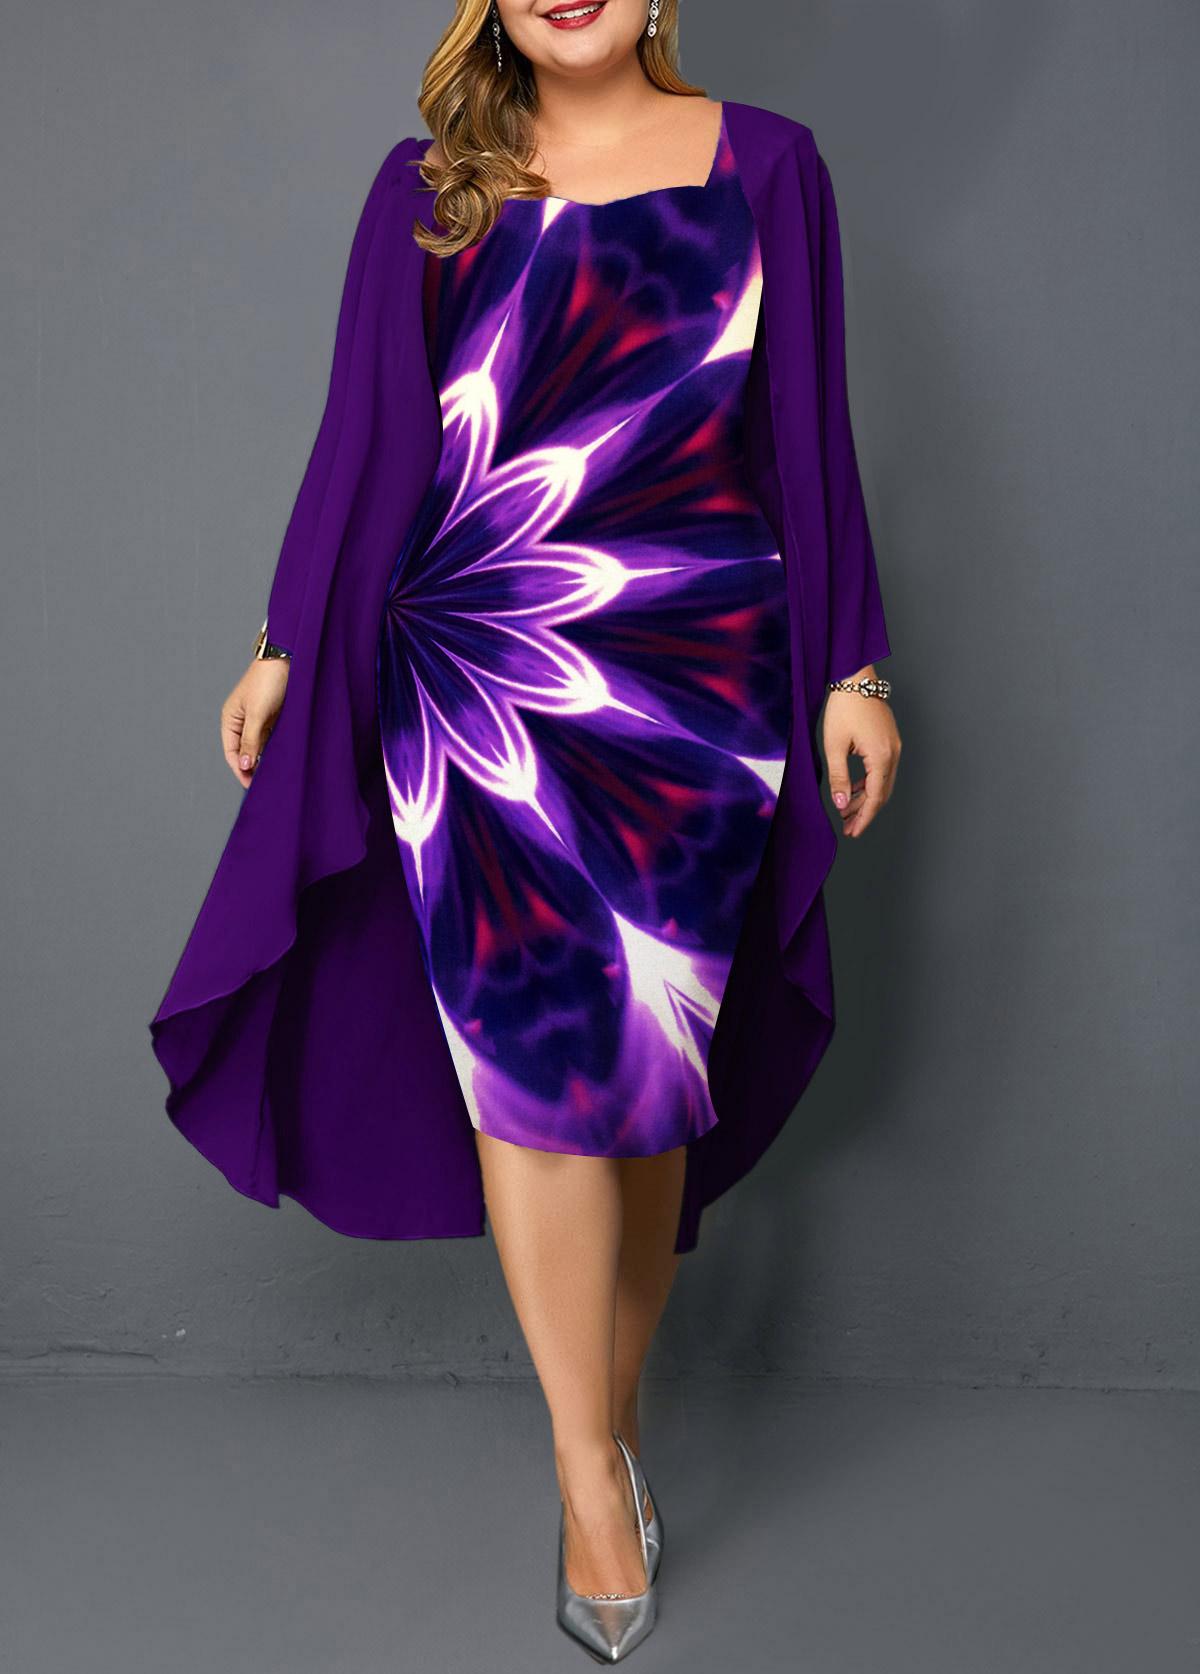 Printed Chiffon Overlay Plus Size Dress